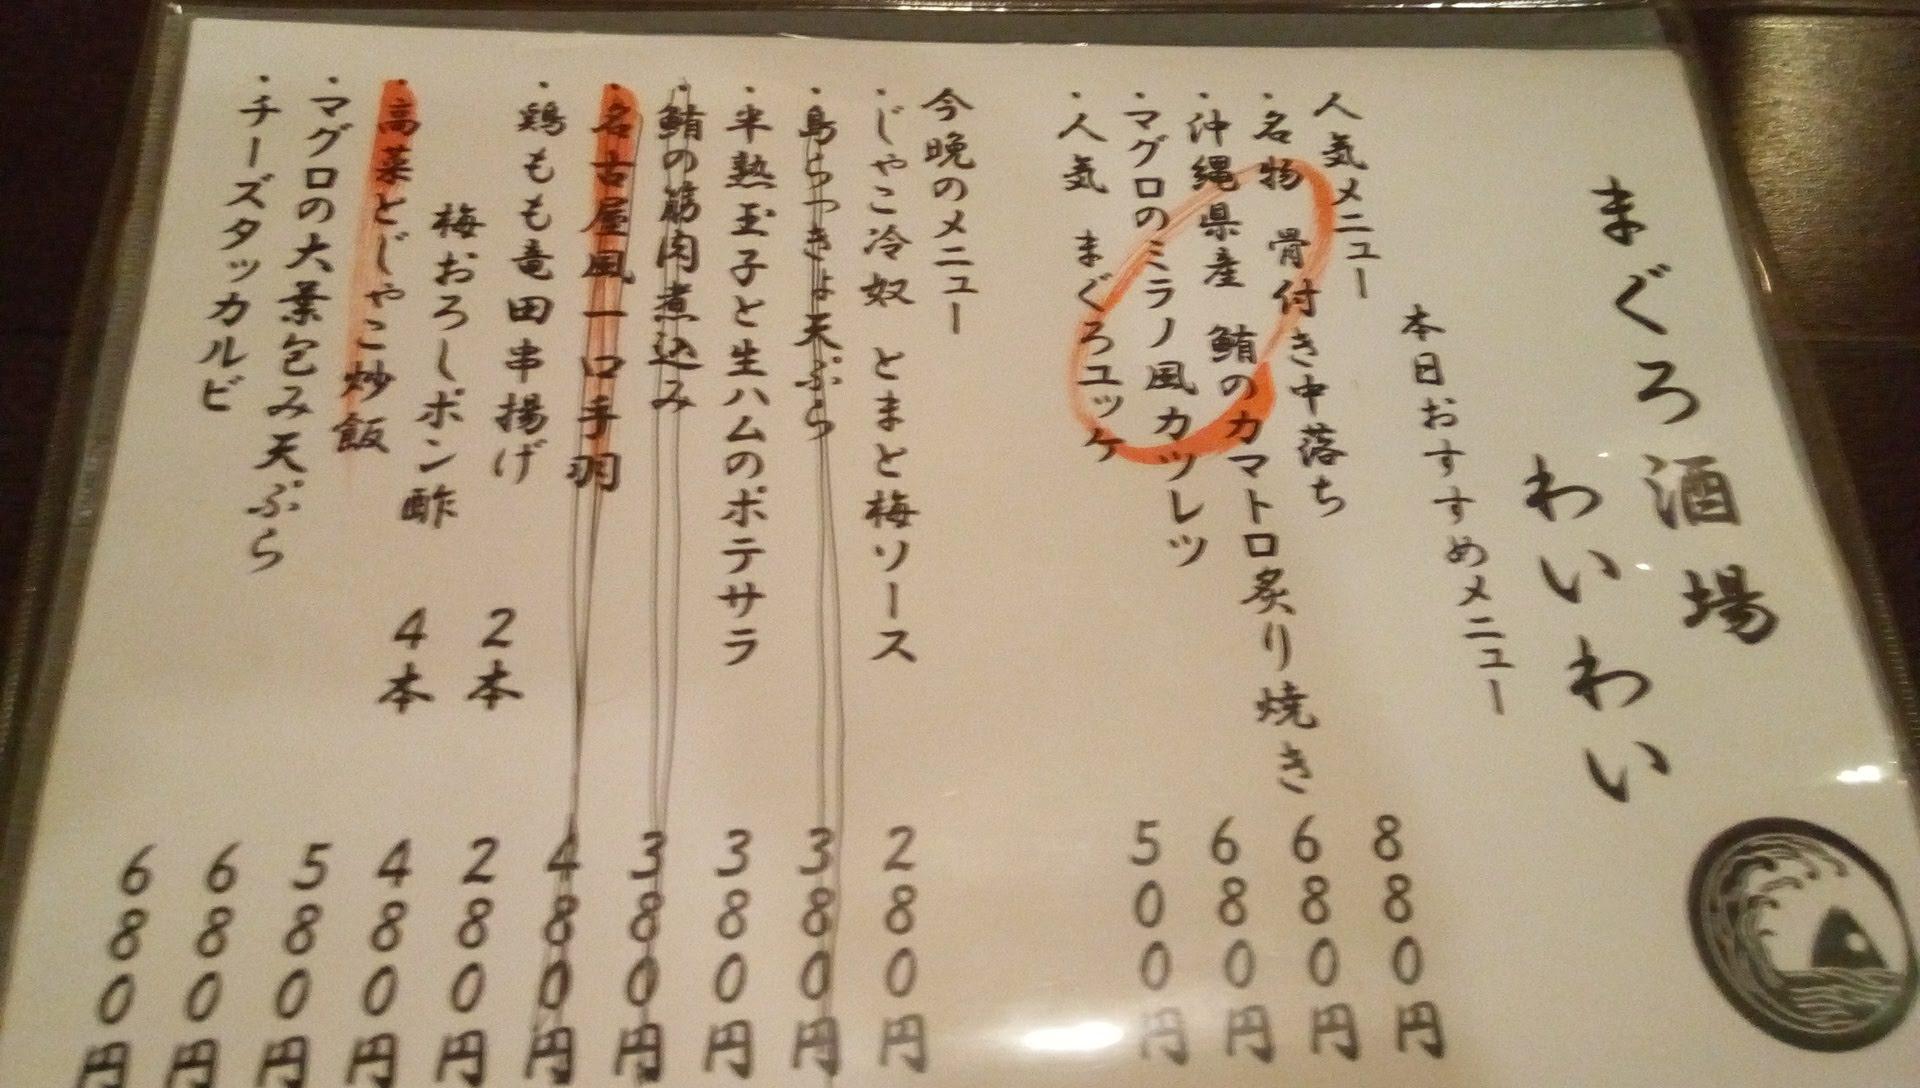 Tuna bar WaiWai menu 1